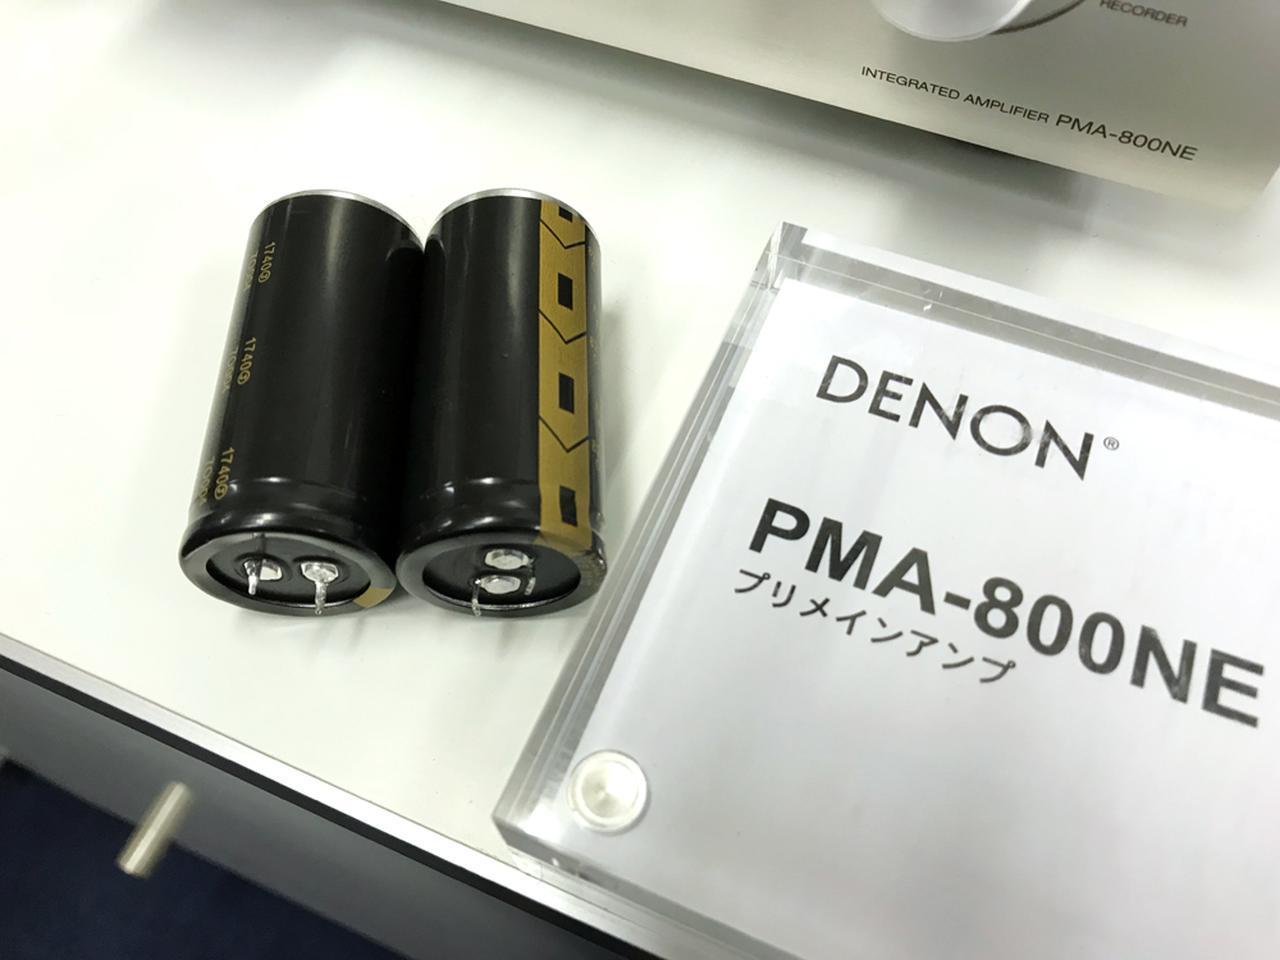 画像: 「PMA-800NE」に搭載される、専用のカスタムブロックコンデンサー。開発のギリギリまでカットアンドトライを繰り返し、800NEシリーズ全体の象徴として、音を引き締めてくれる効果を得たという